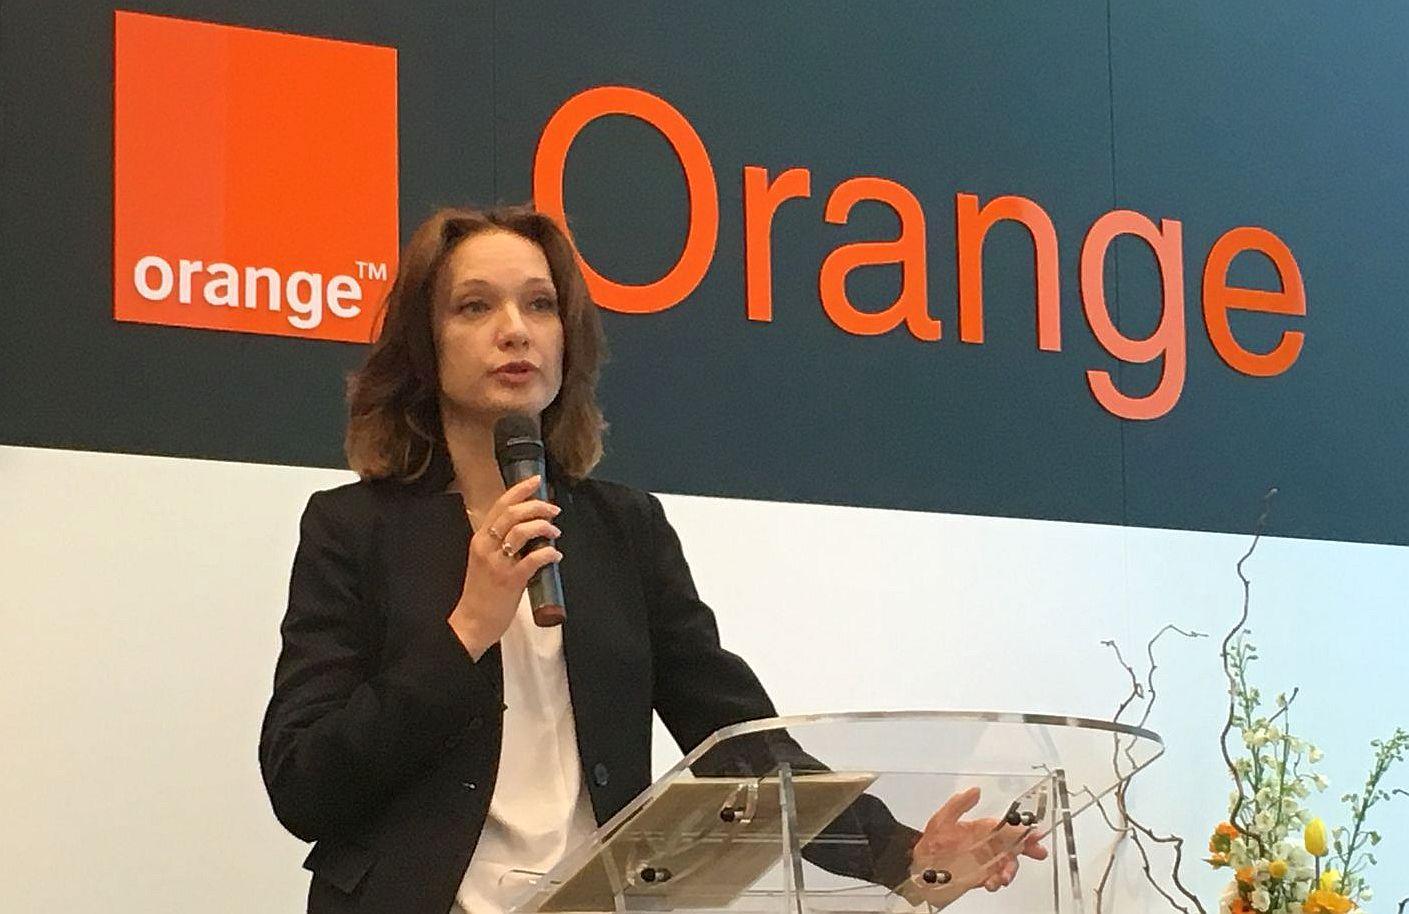 Orange România anunță rezultatele financiare pe trimestrul 4 şi pe întregul an 2016: creşteri pe toată linia